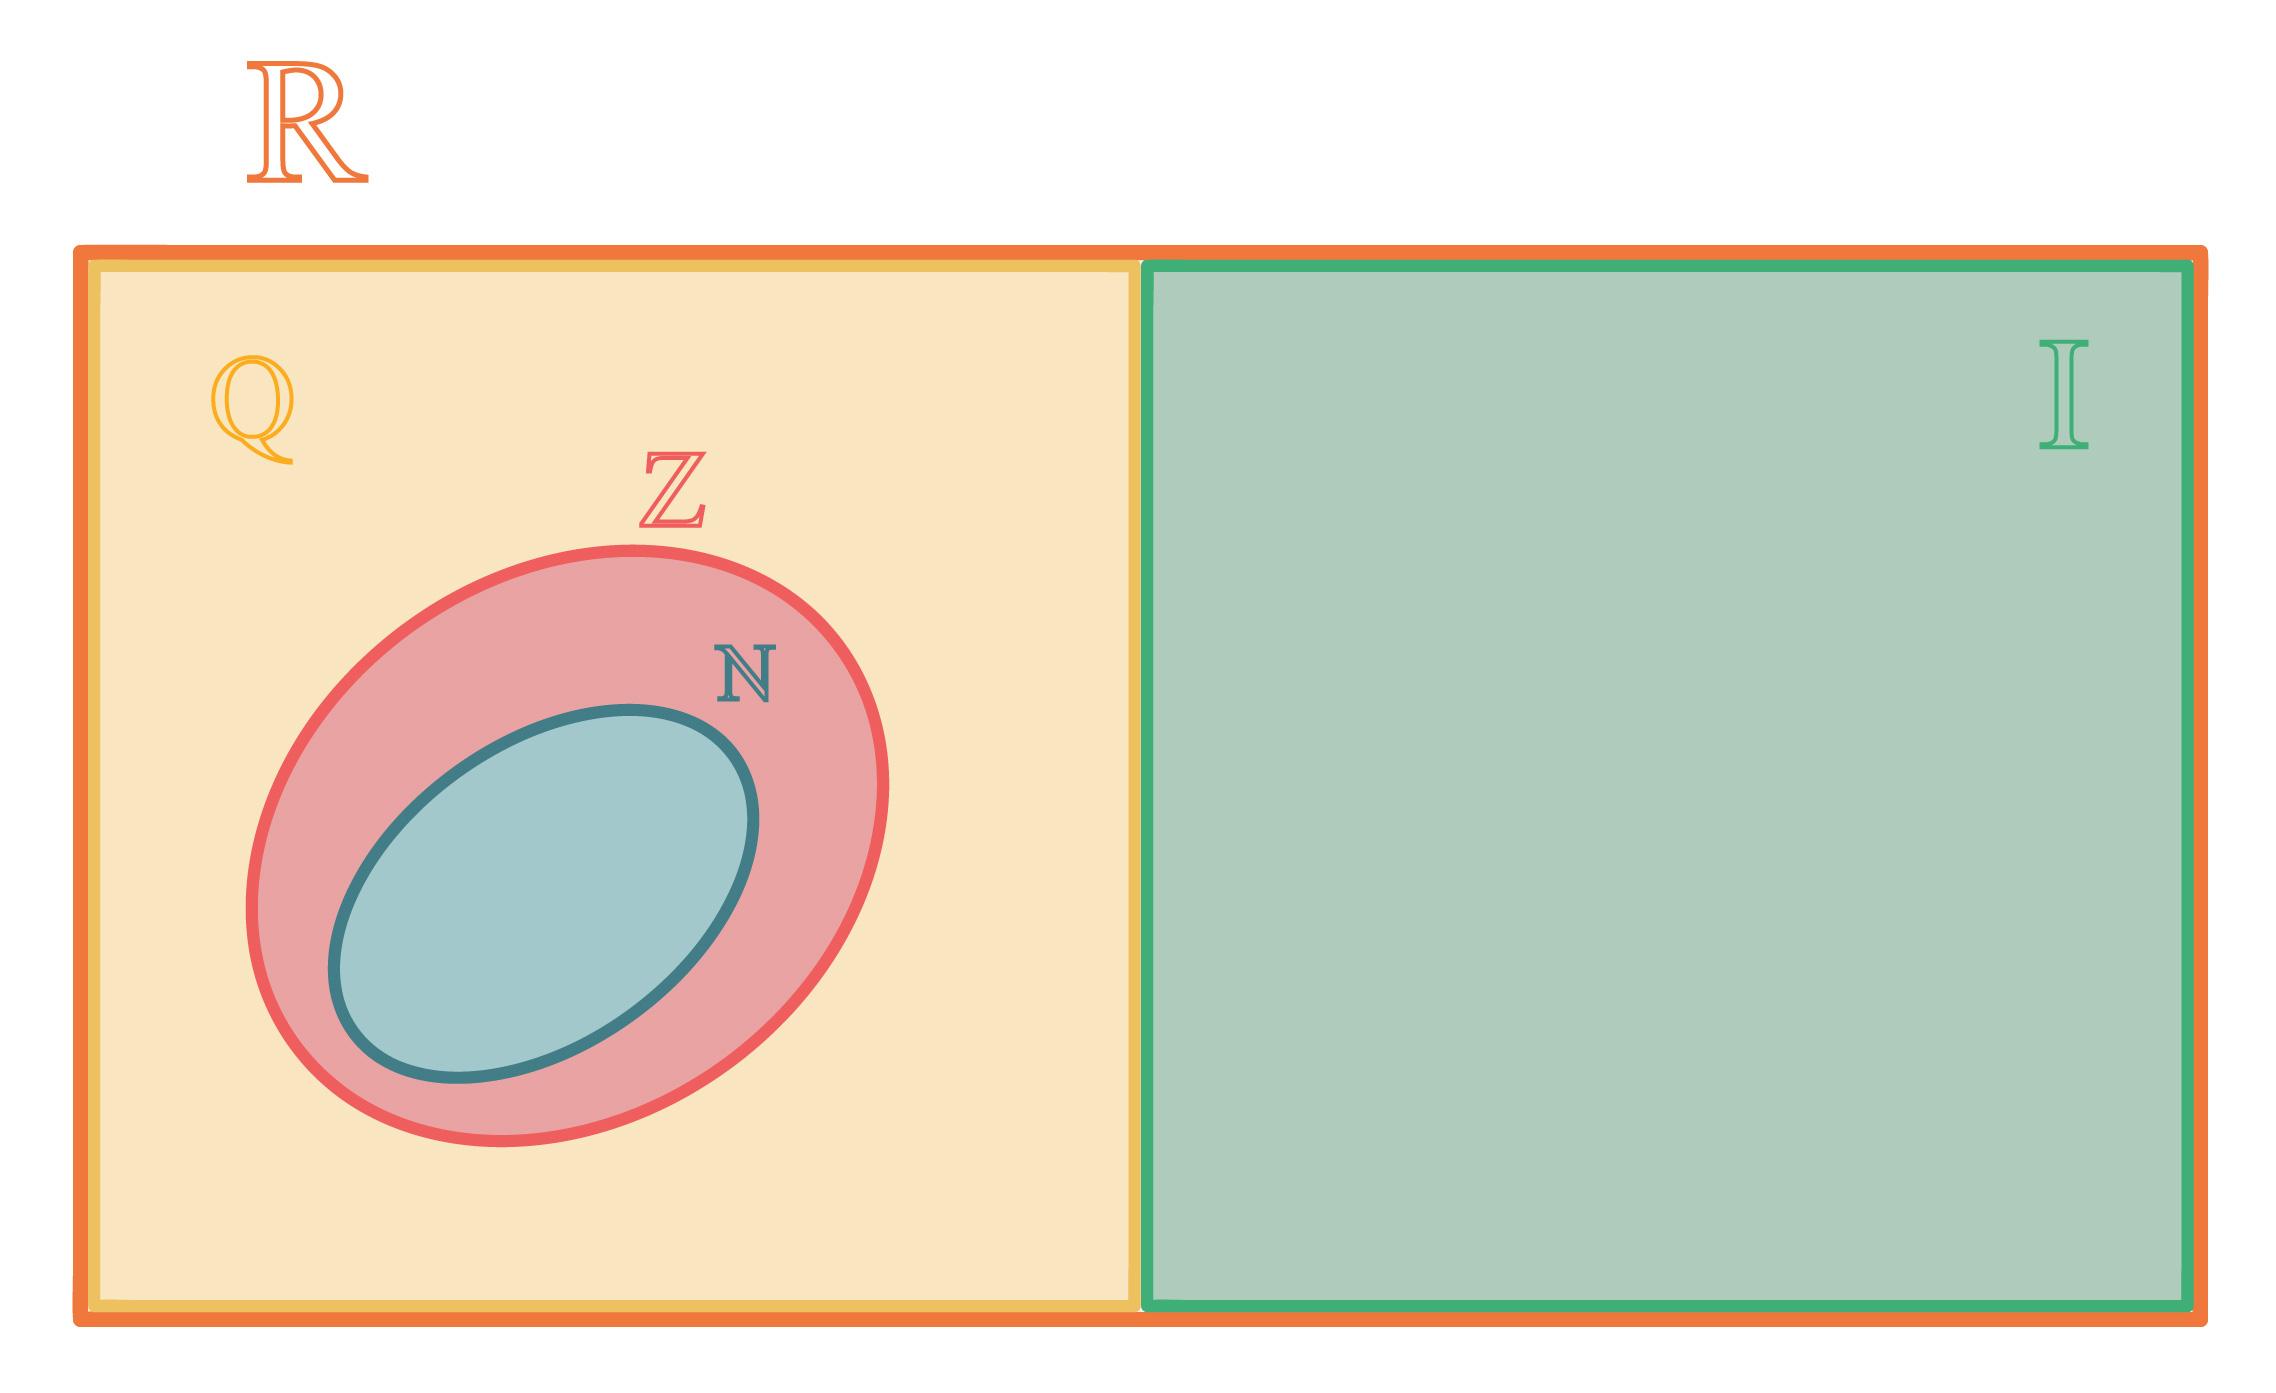 números naturais inteiros racionais irracionais e reais representados em forma de diagrama